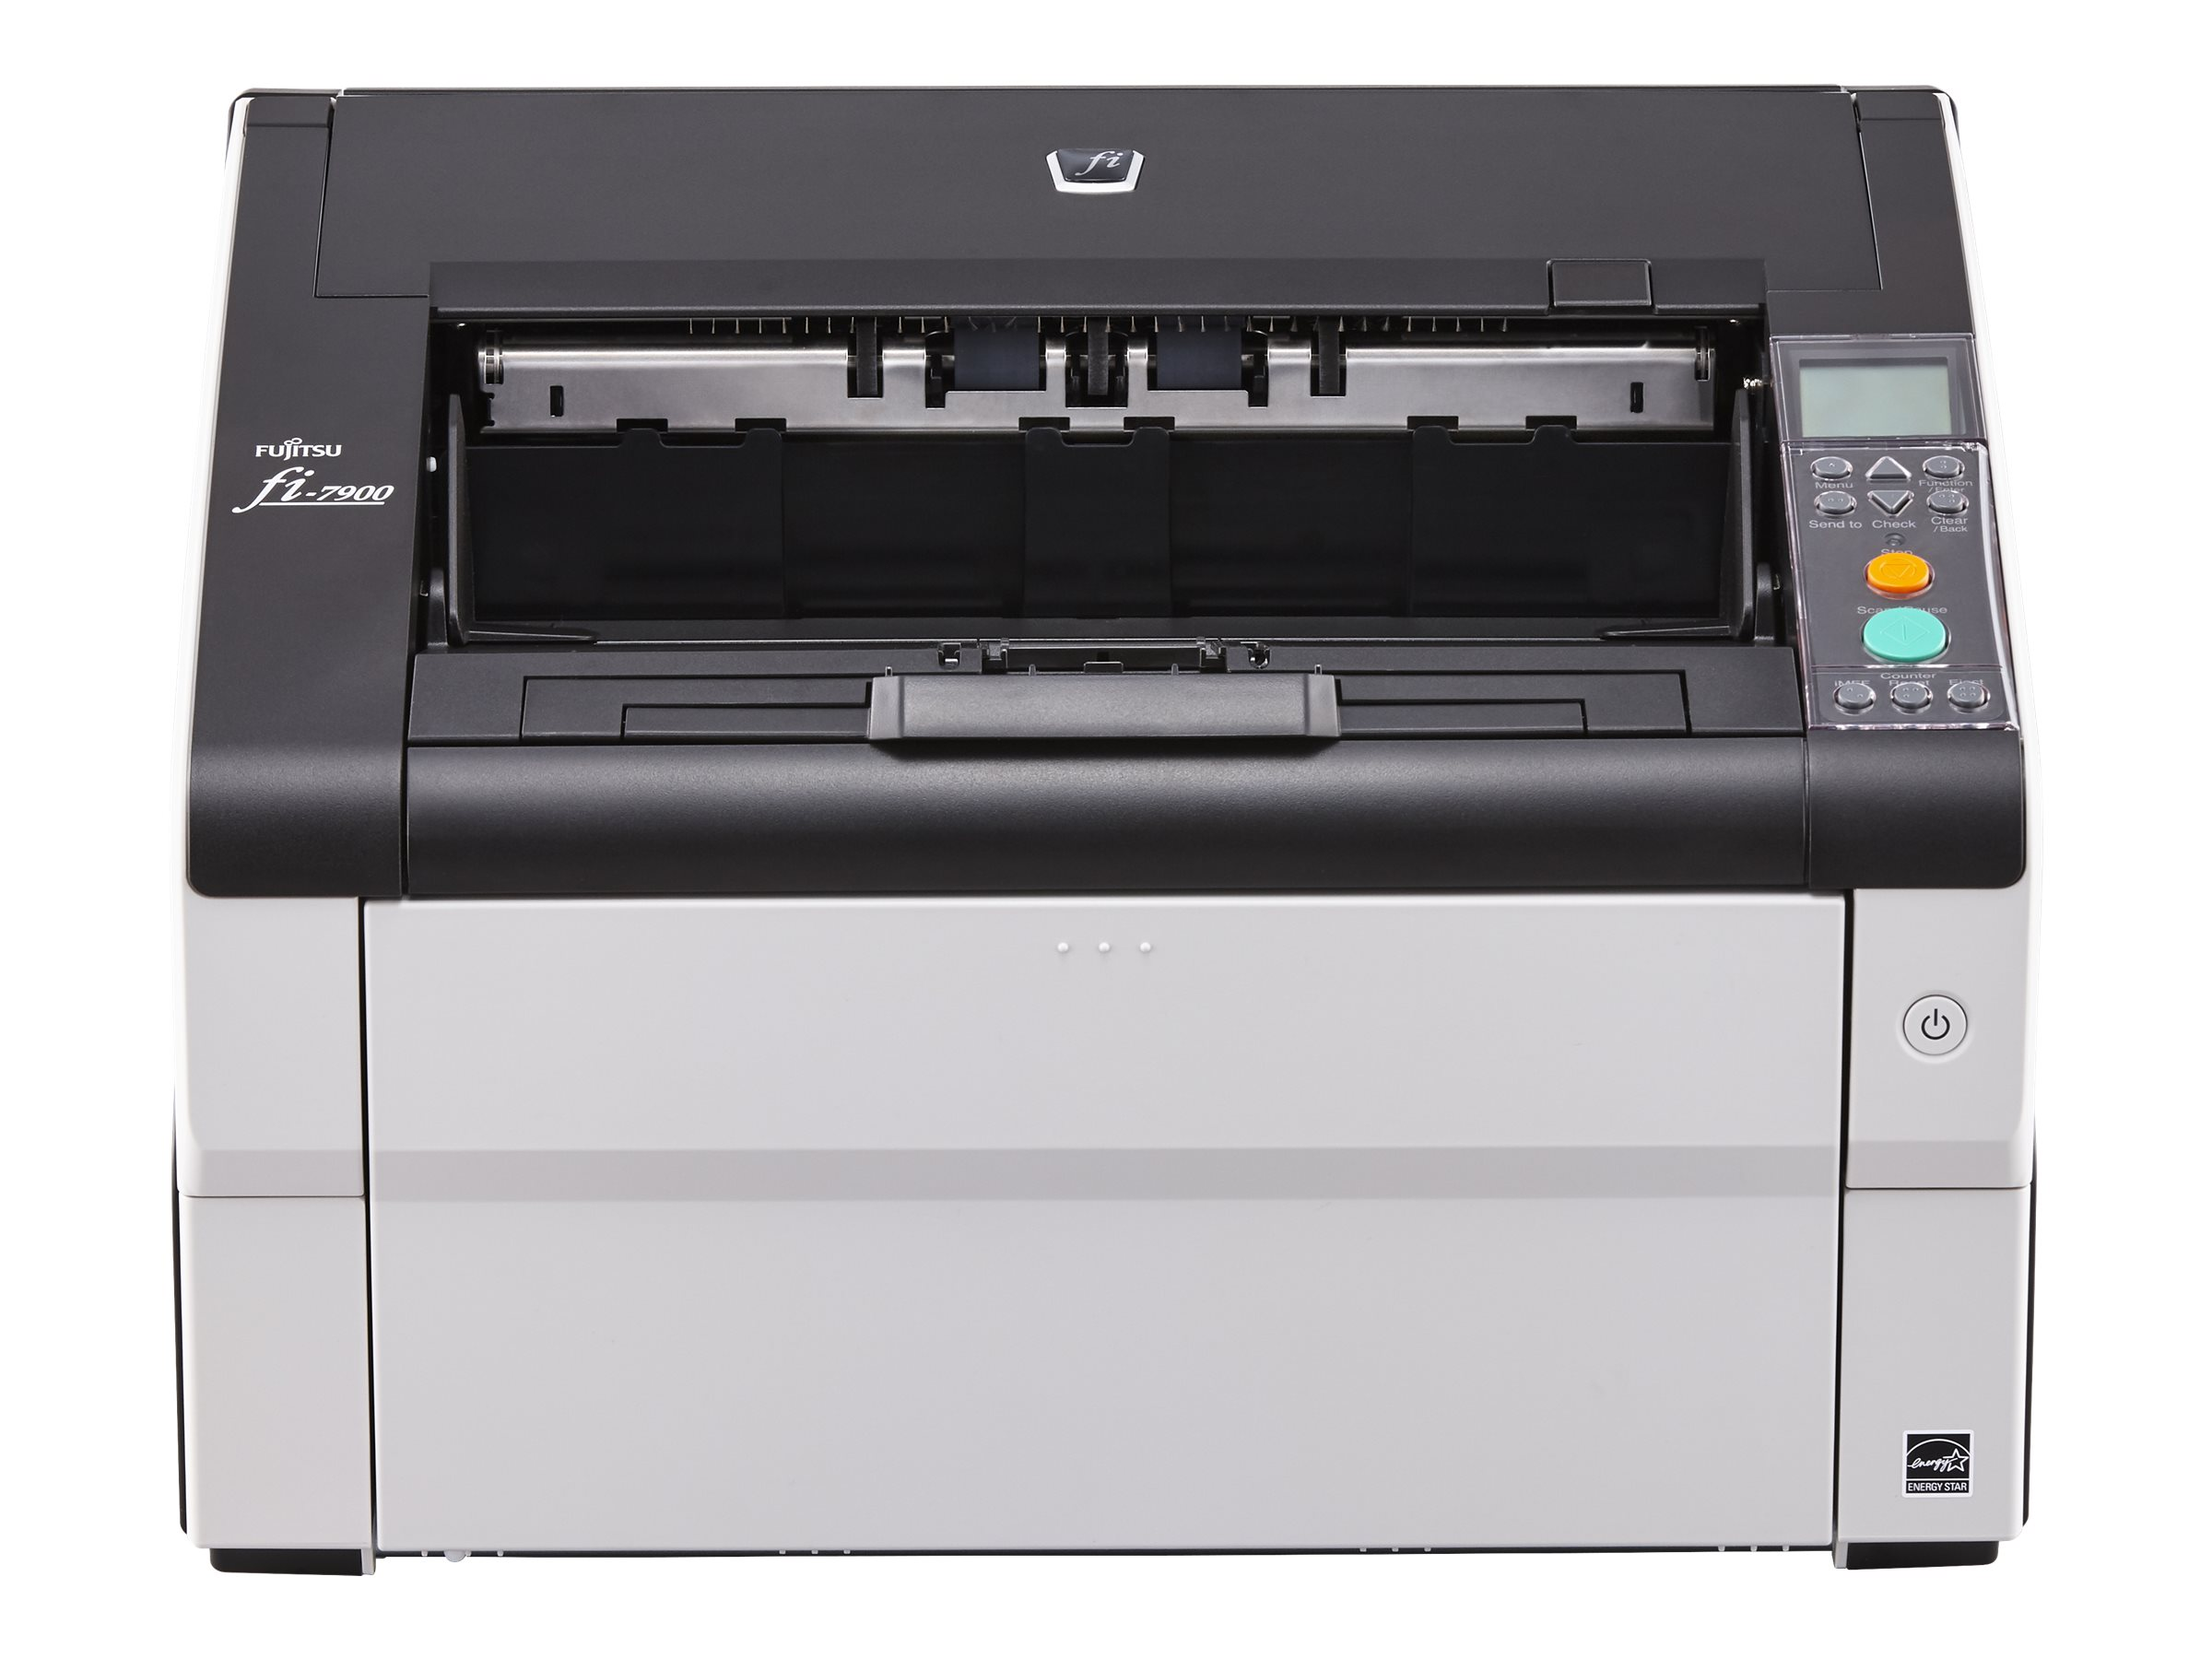 Fujitsu fi-7900 - Dokumentenscanner - Duplex - 304.8 x 431.8 mm - 600 dpi x 600 dpi - bis zu 140 Seiten/Min. (einfarbig)